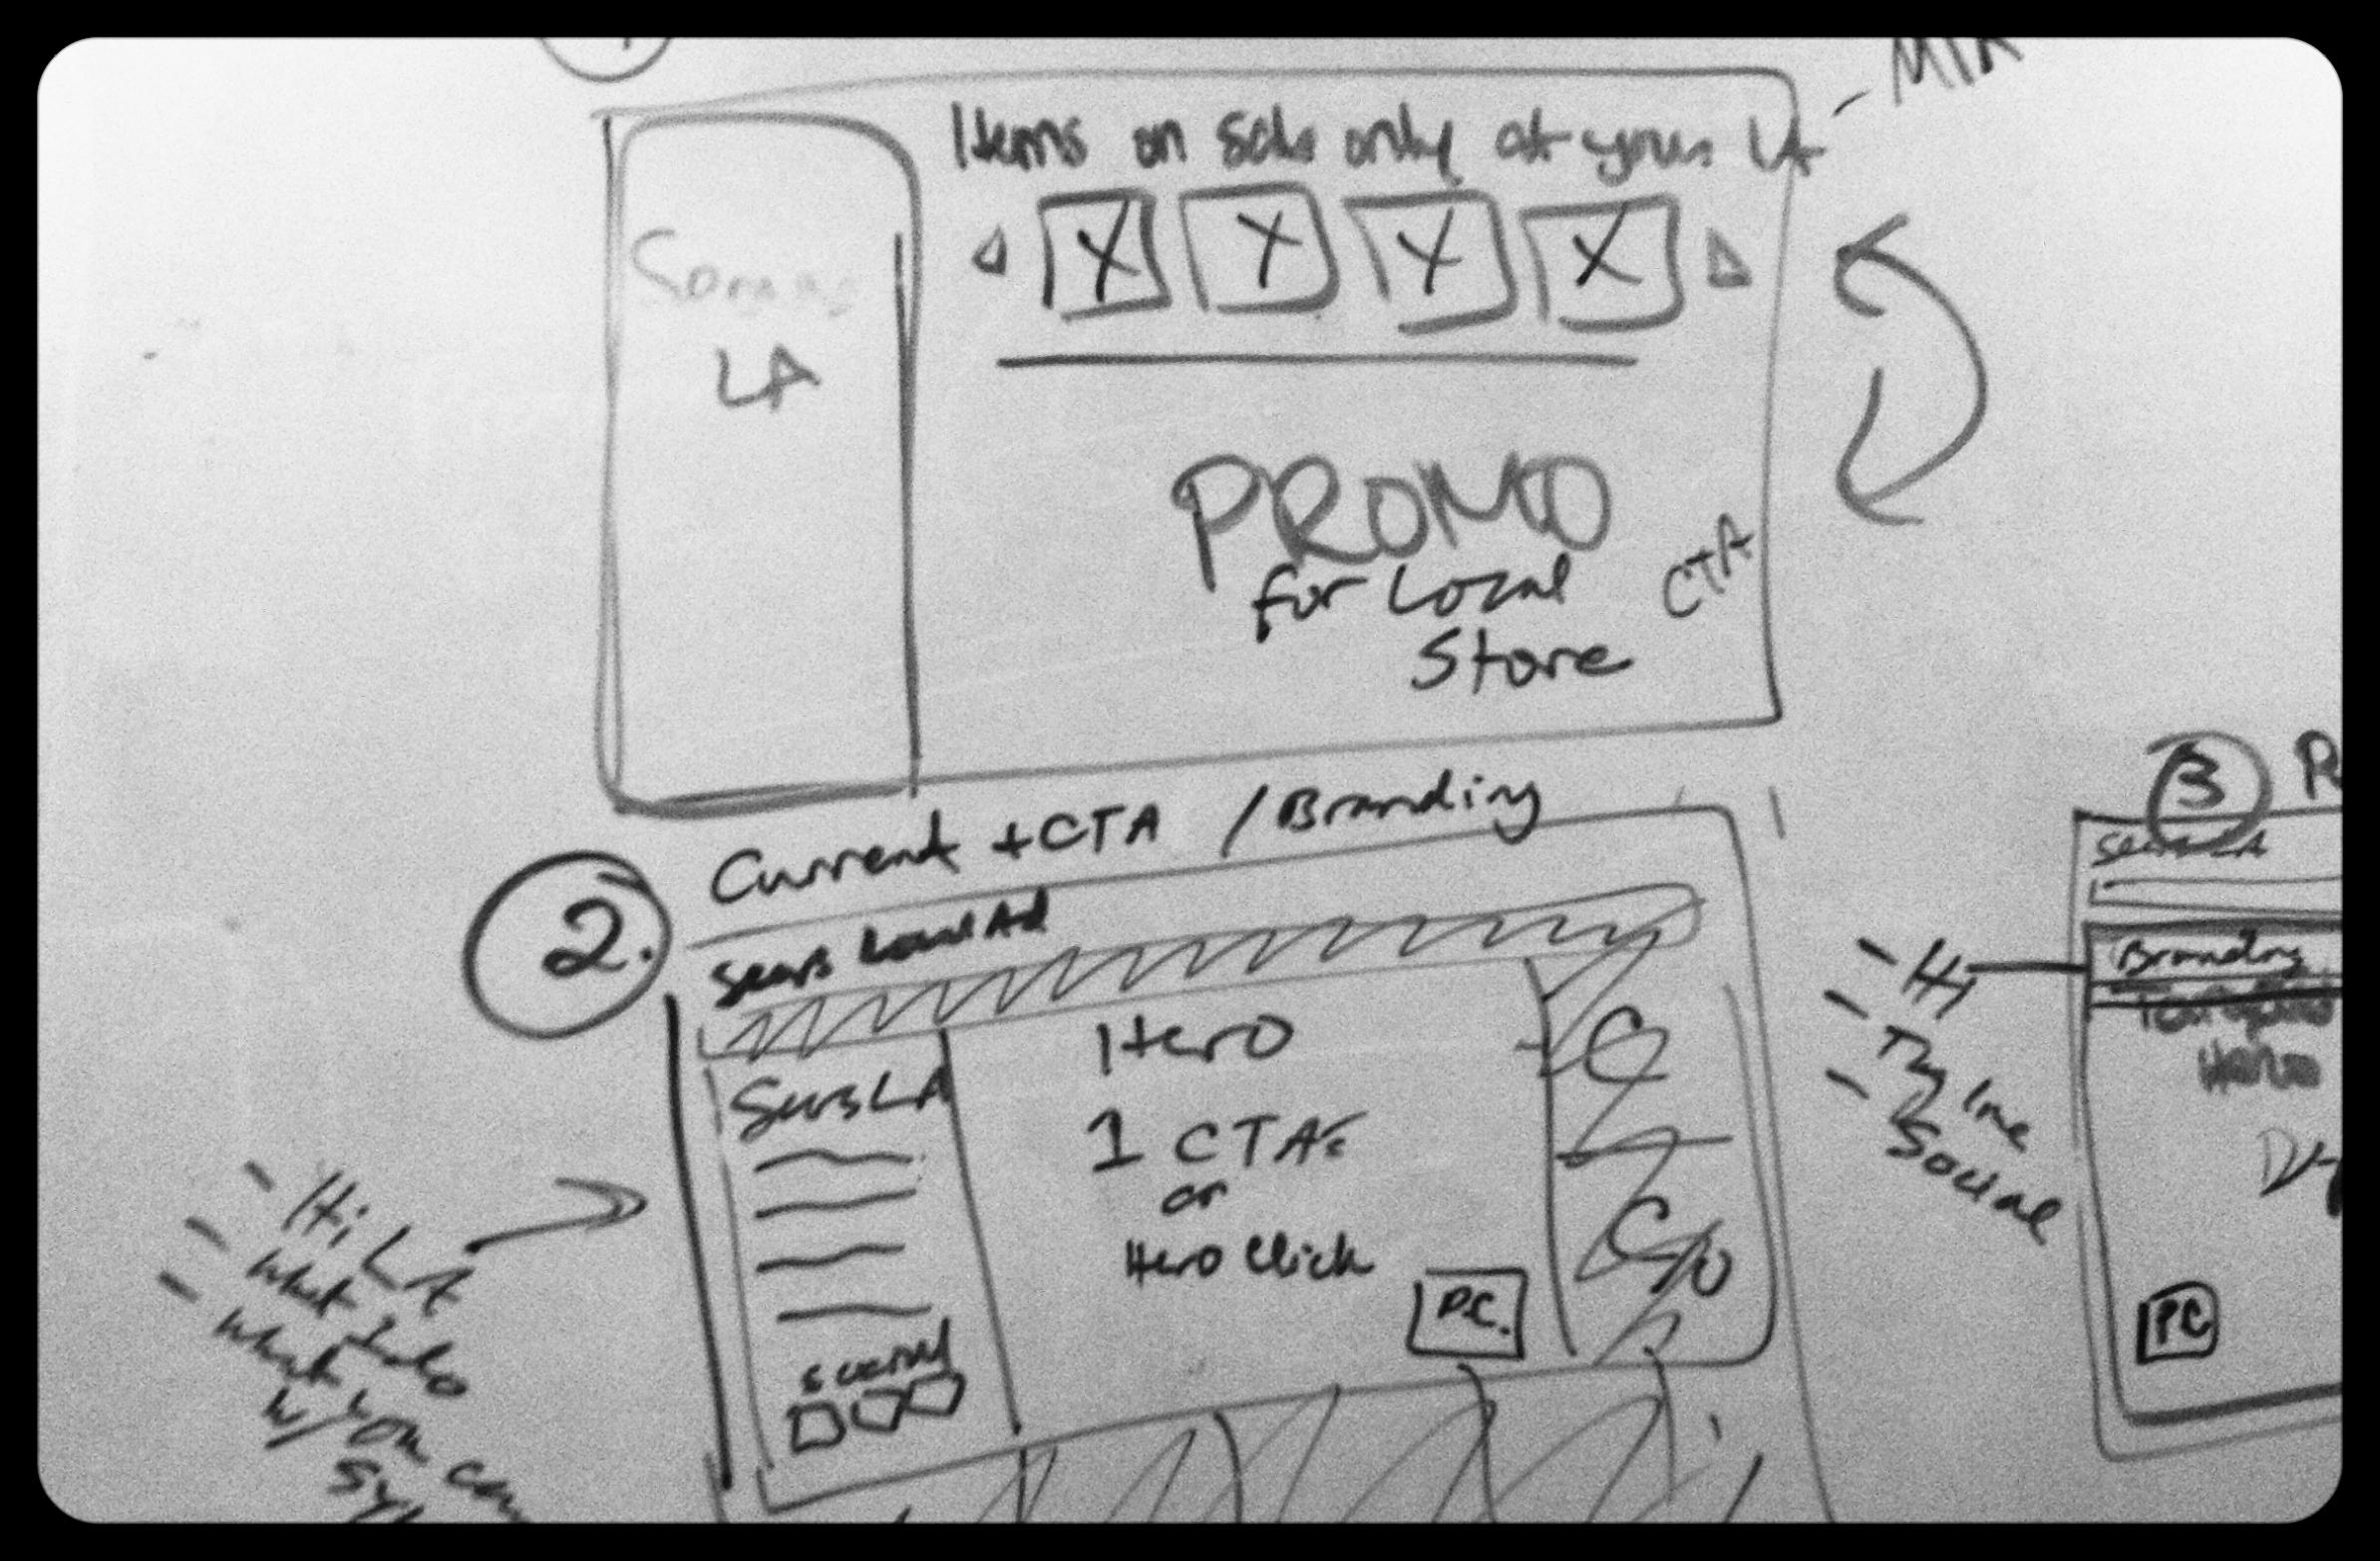 Sketches - desktop cover page v1